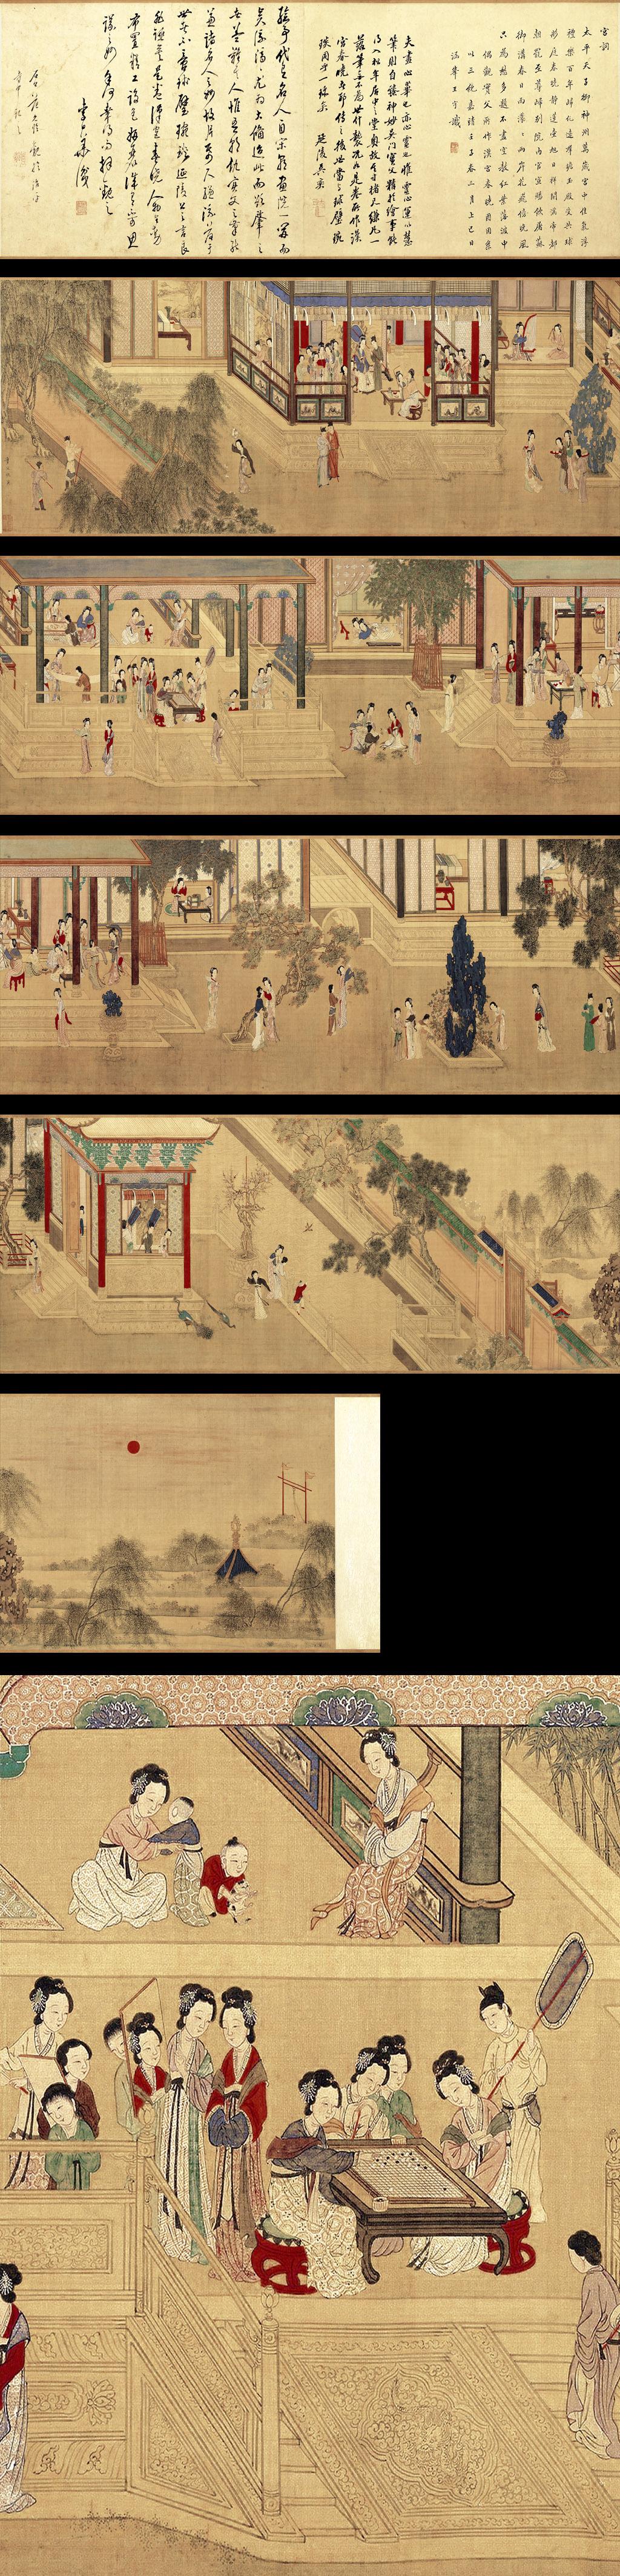 古典中国风中式宫廷人物风景画图片